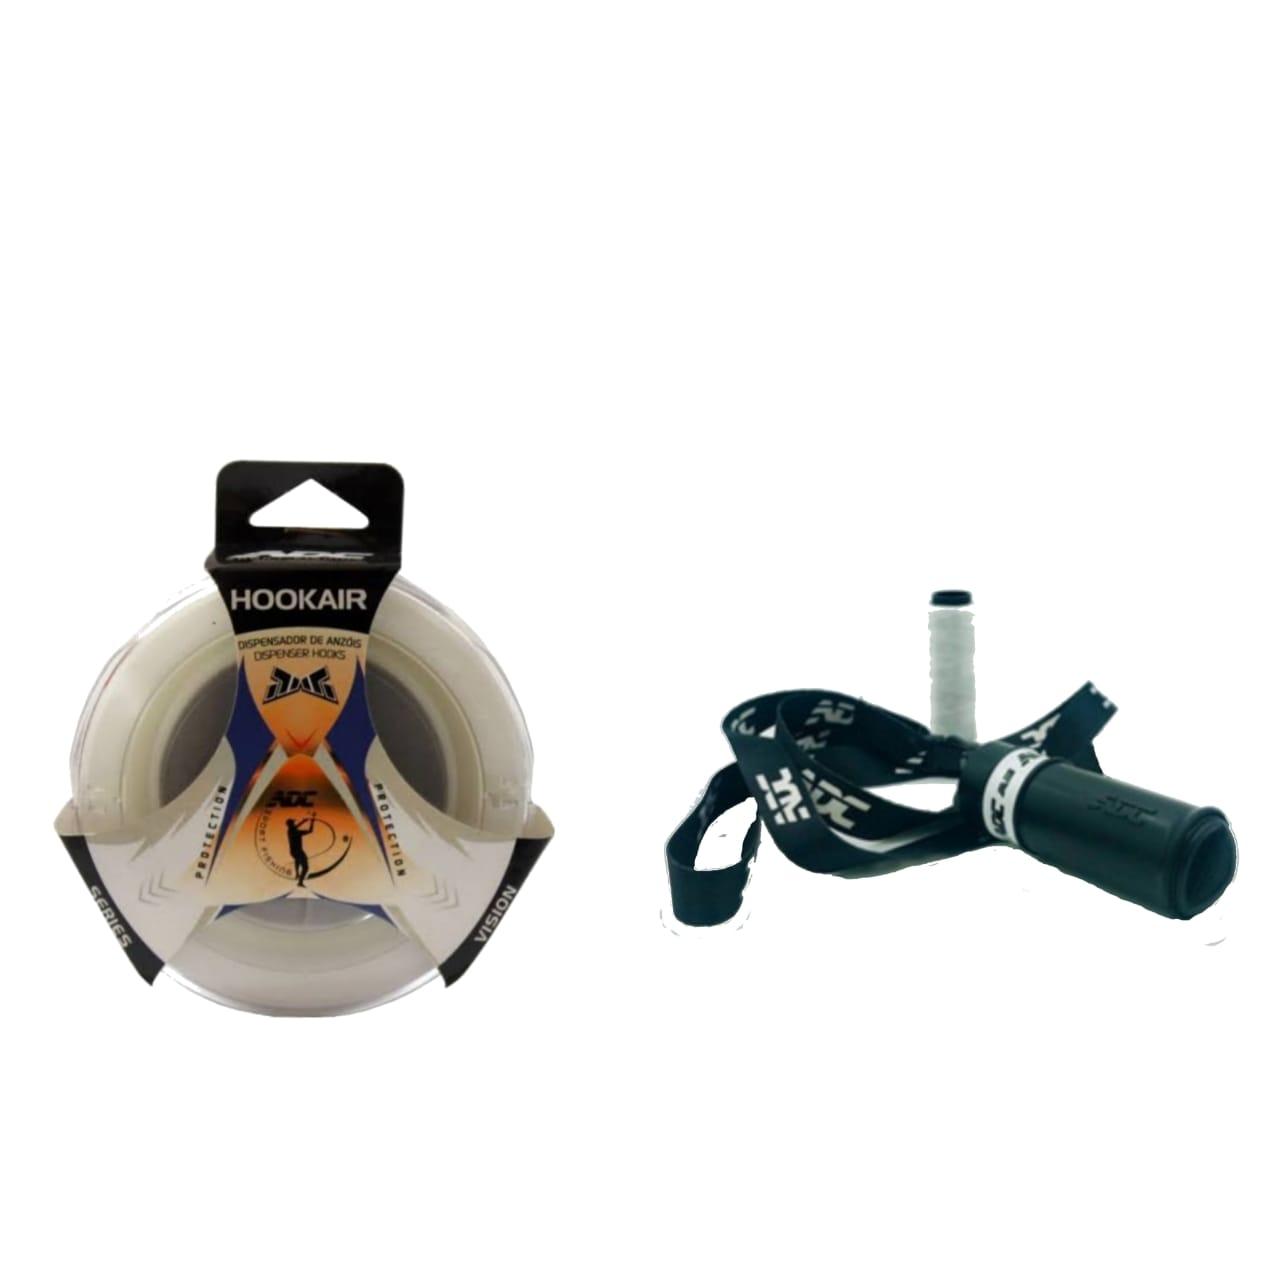 Kit ADC - Hookair + Porta Elástico